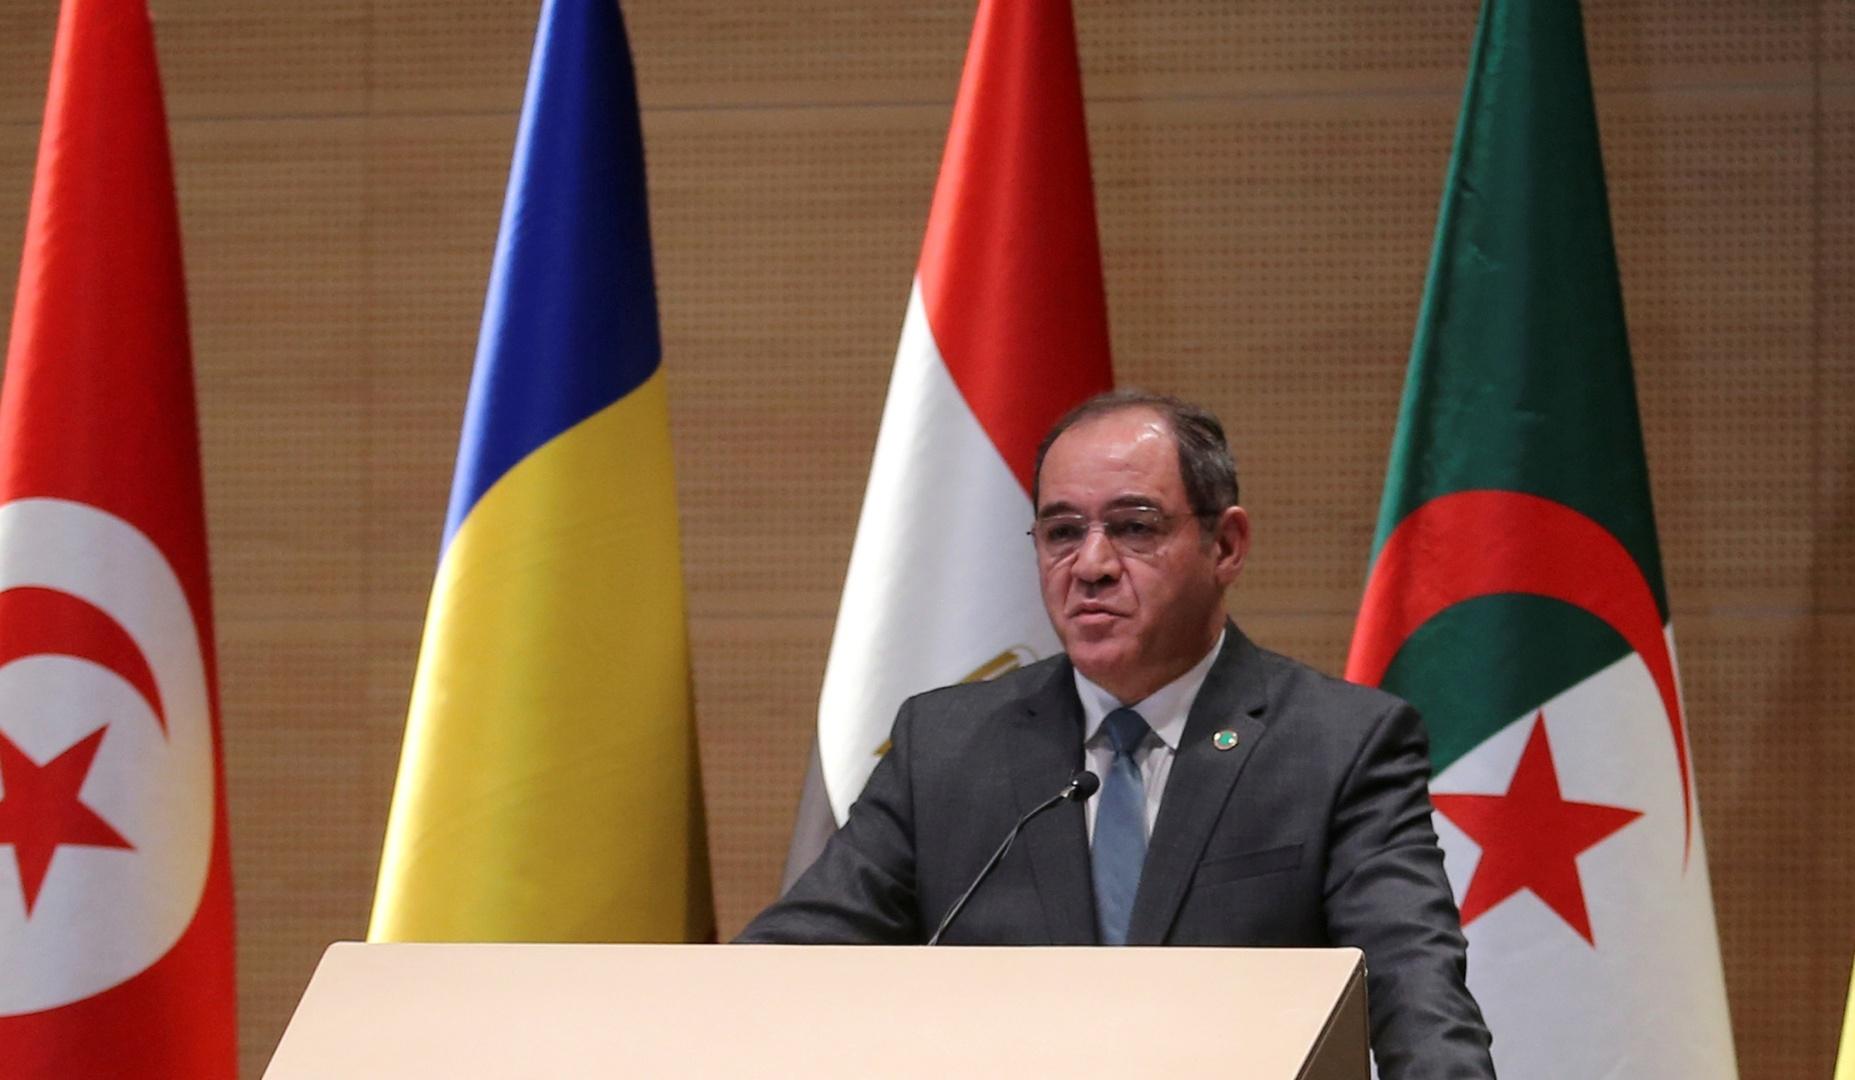 وزير الخارجية الجزائري يزور جنوب إفريقيا ليومين..الملفات الإقليمية ضمن المباحثات